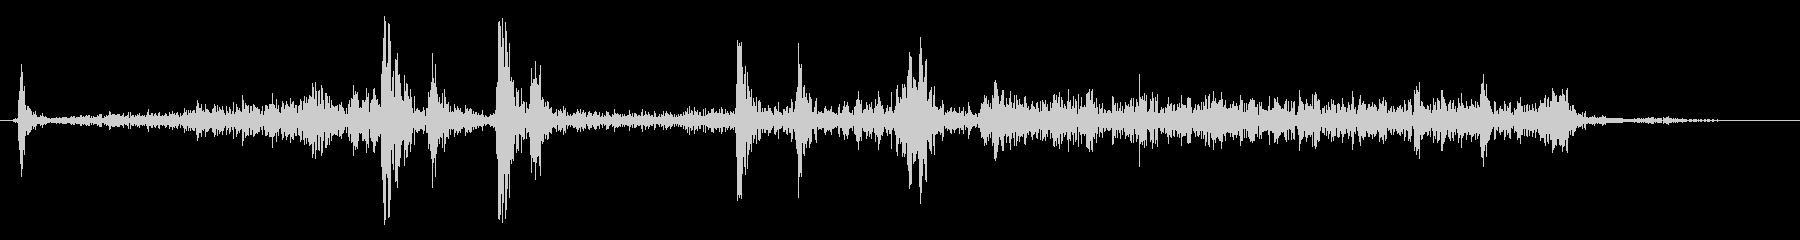 Camera shutter sound 01's unreproduced waveform